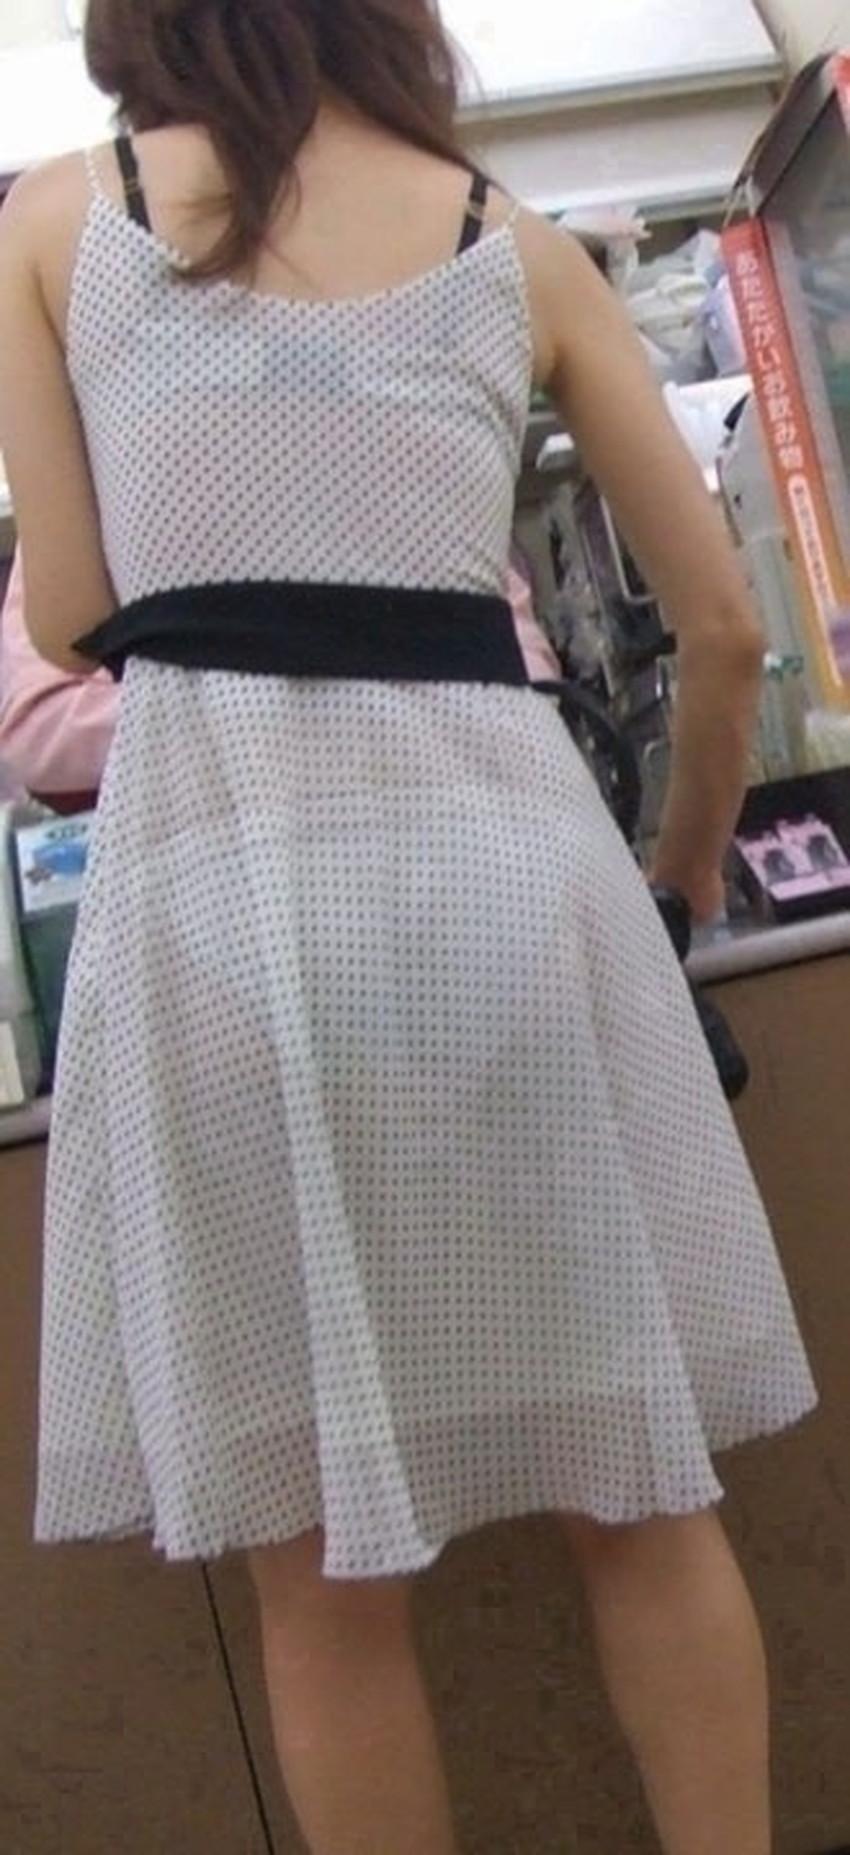 【透けパンツエロ画像】パンツ丸見えよりもタイトスカートや履いて下着が透けてる素人女子のほうが興奮しちゃう透けパンツのエロ画像酒!ww【80枚】 40